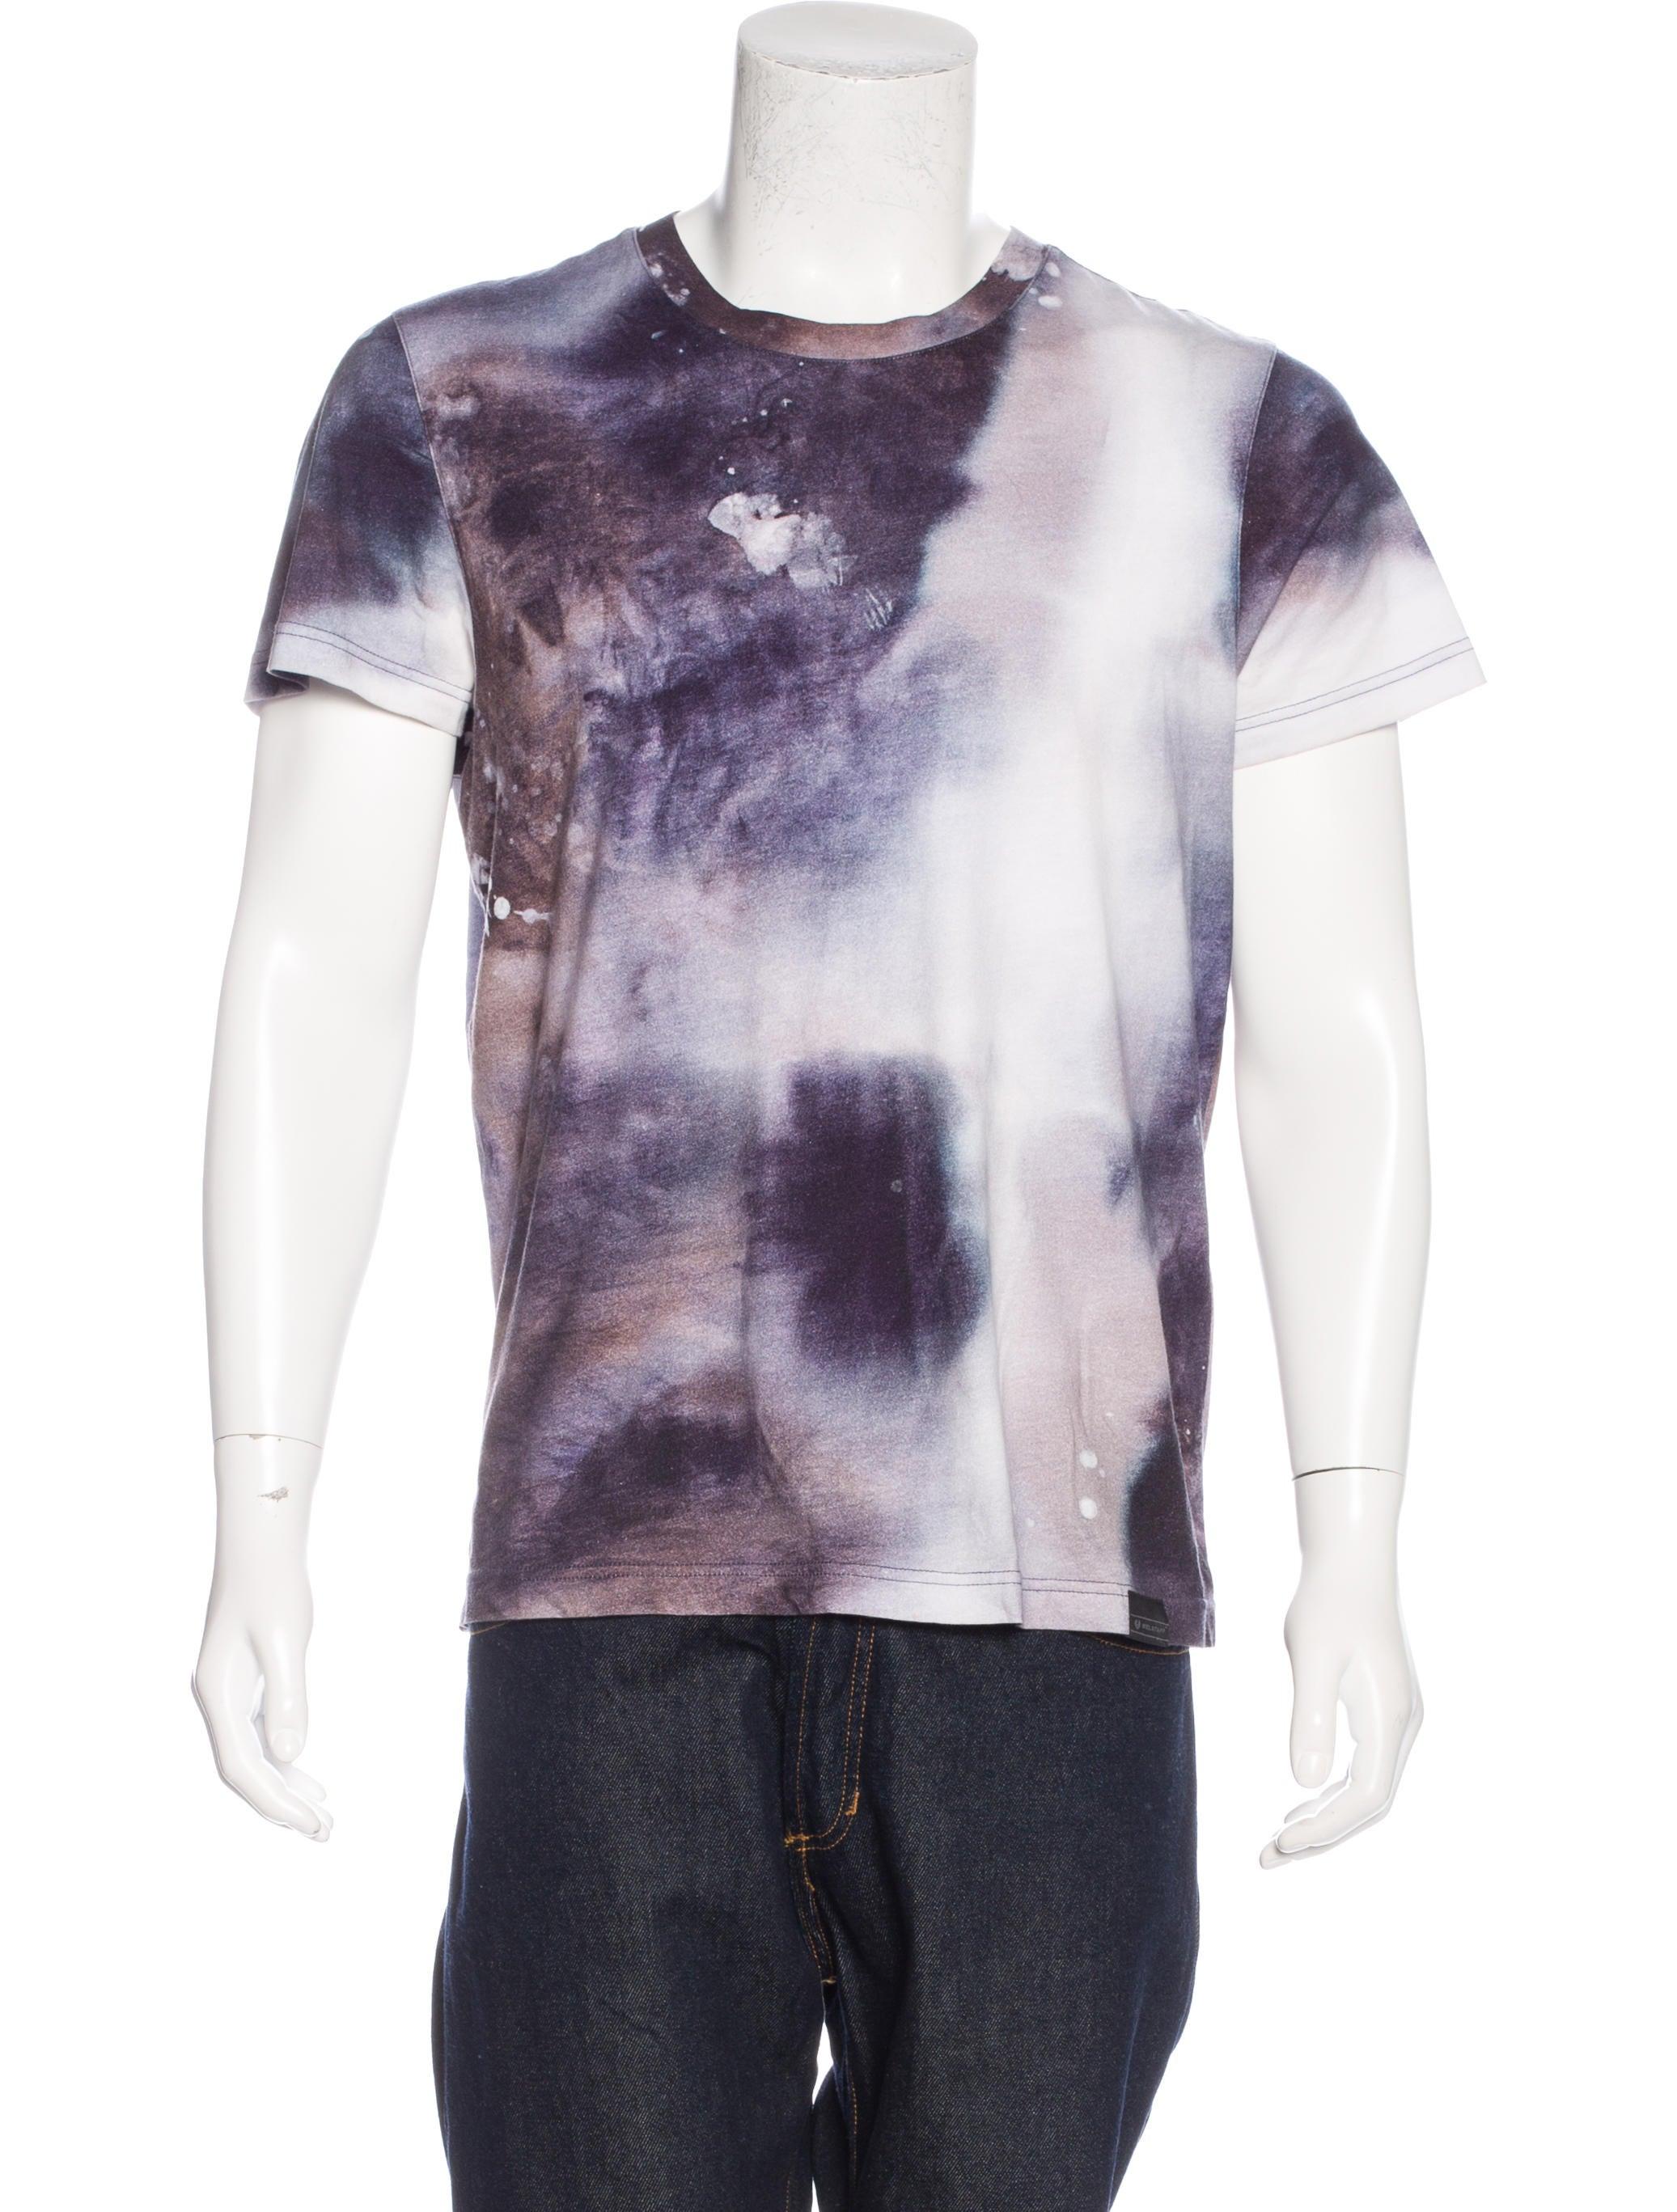 Belstaff Tollgate Galaxy Print T Shirt W Tags Clothing Bel22038